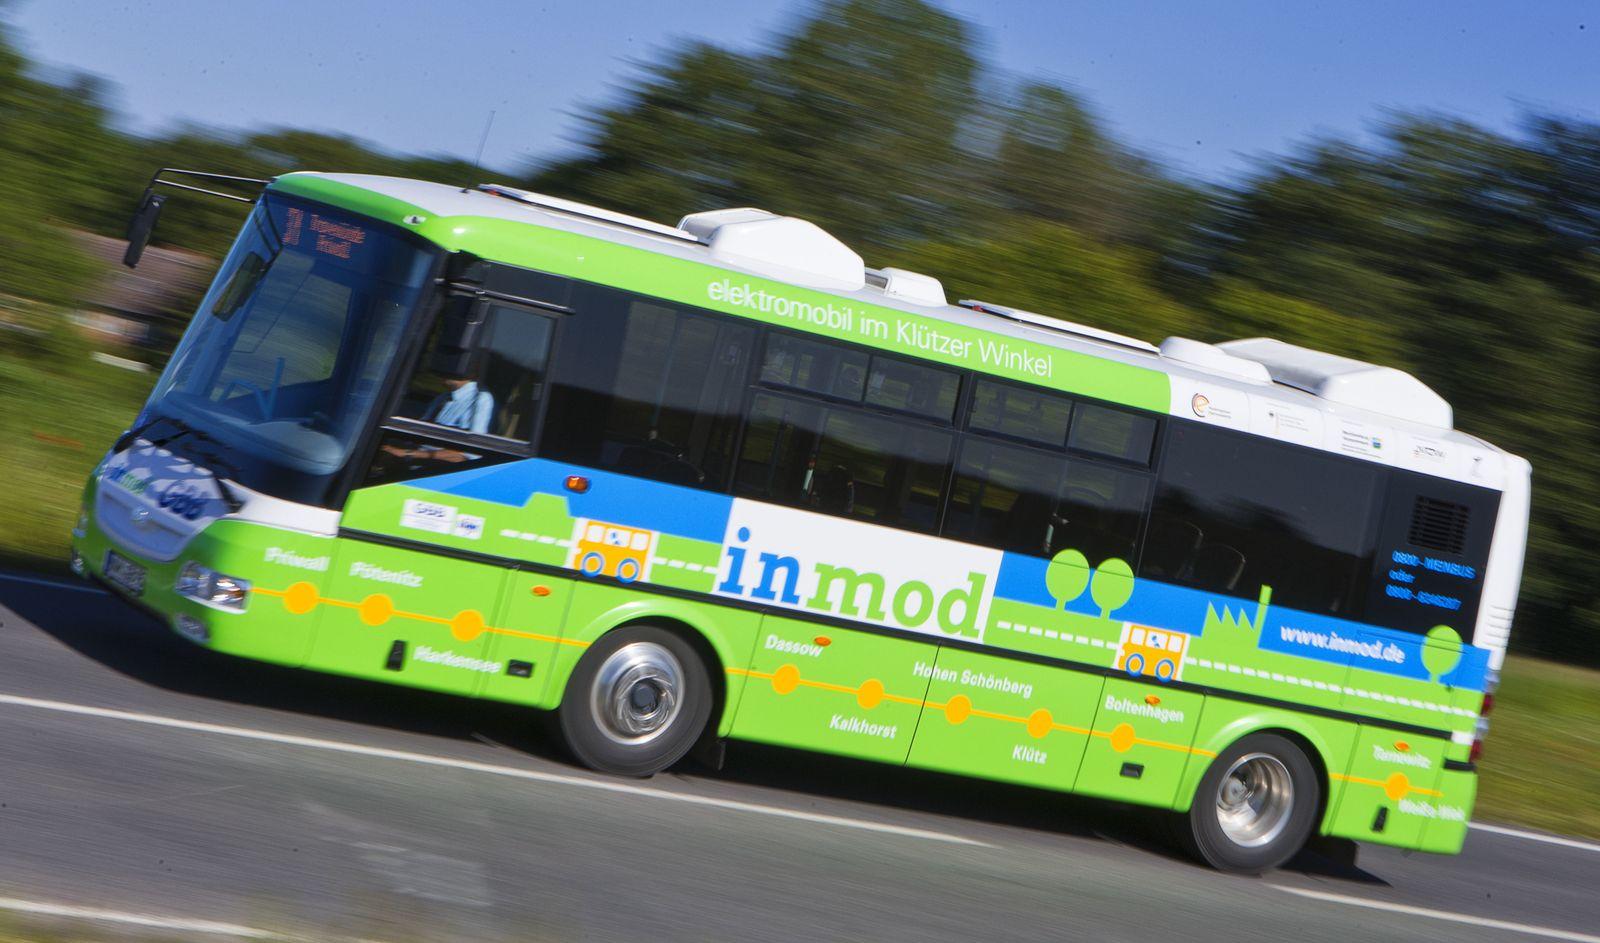 Elektrobusse/ McPom